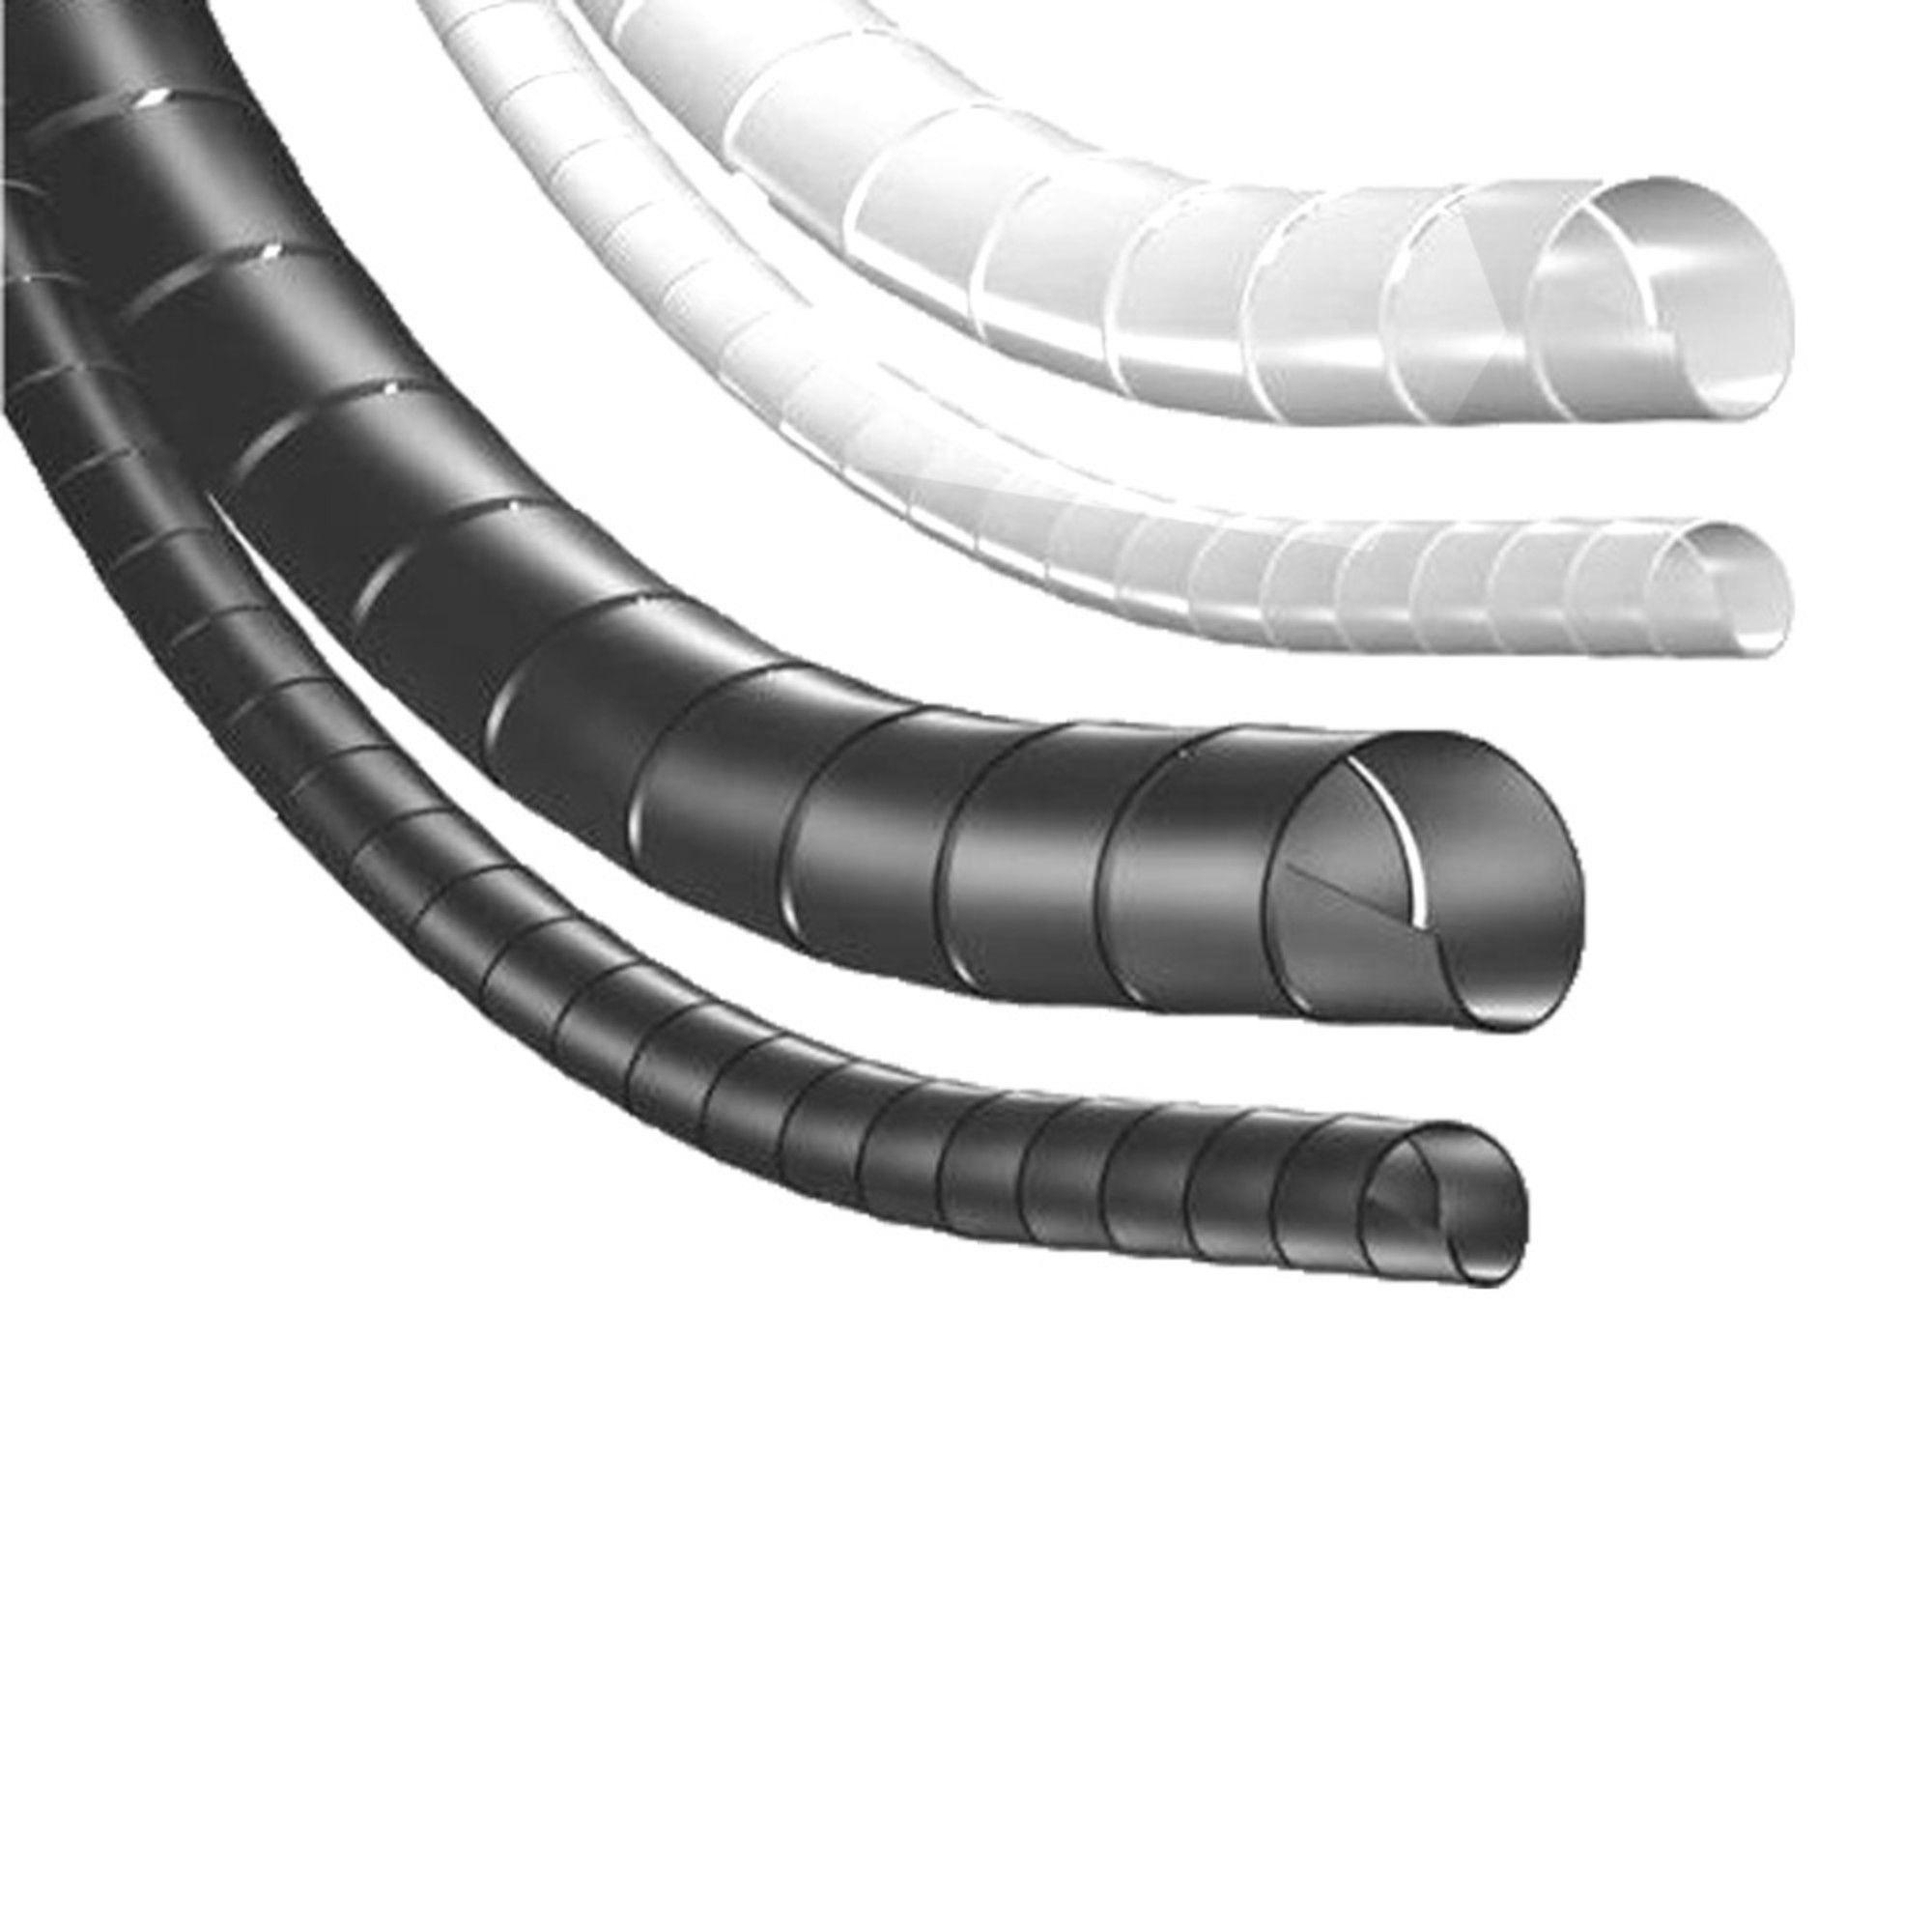 Organizador De Cabos Espiral Spiraduto 3/8 Branco Metro